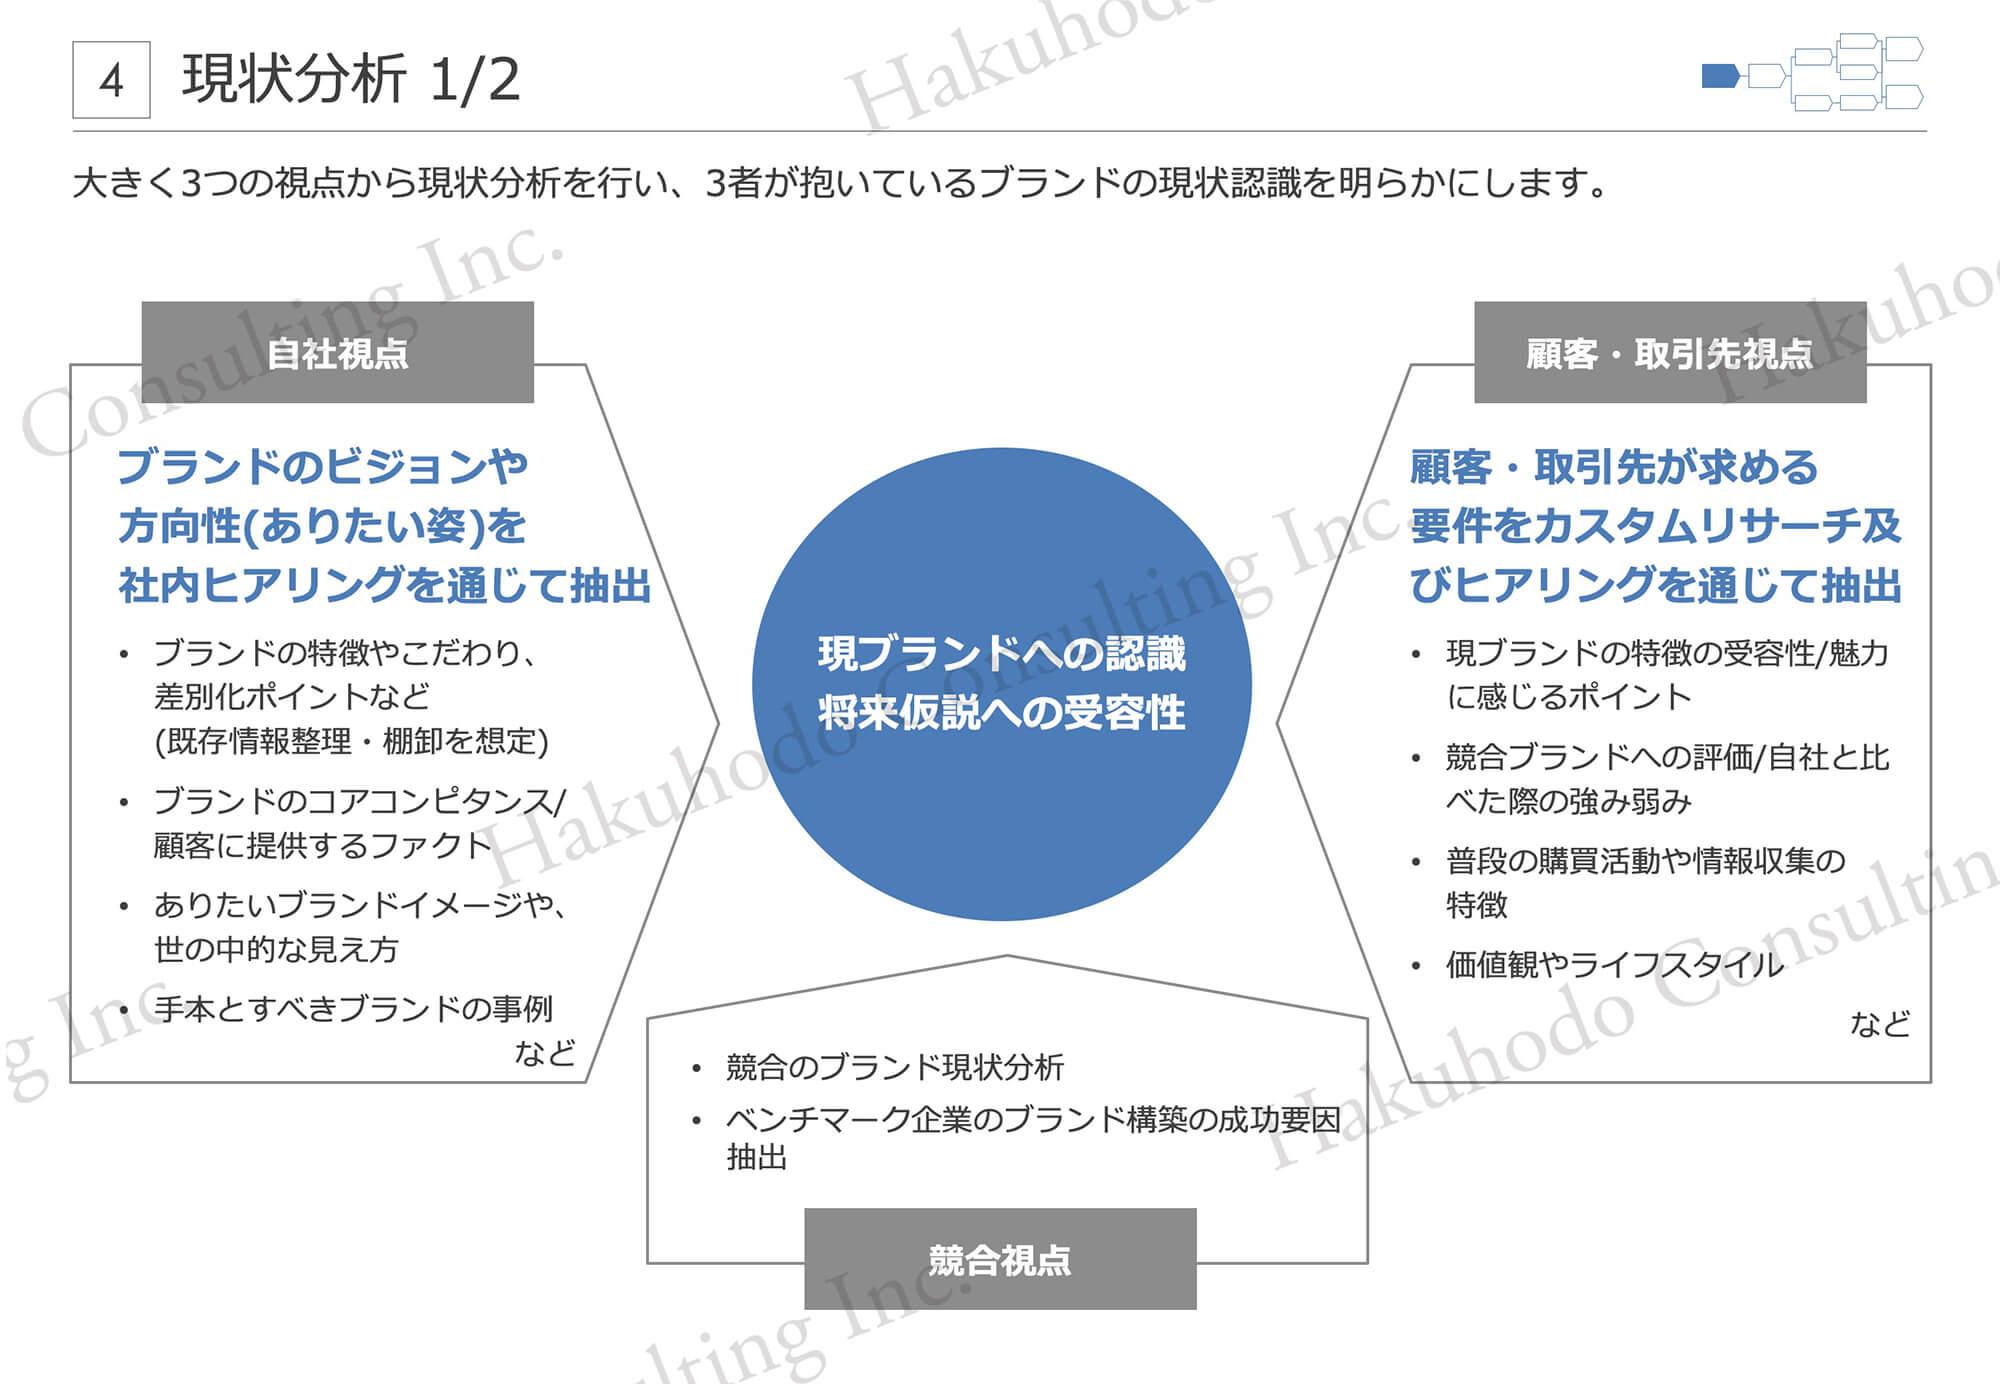 大きく3つの視点から現状分析を行い、3者が抱いているブランドの現状認識を明らかにします。